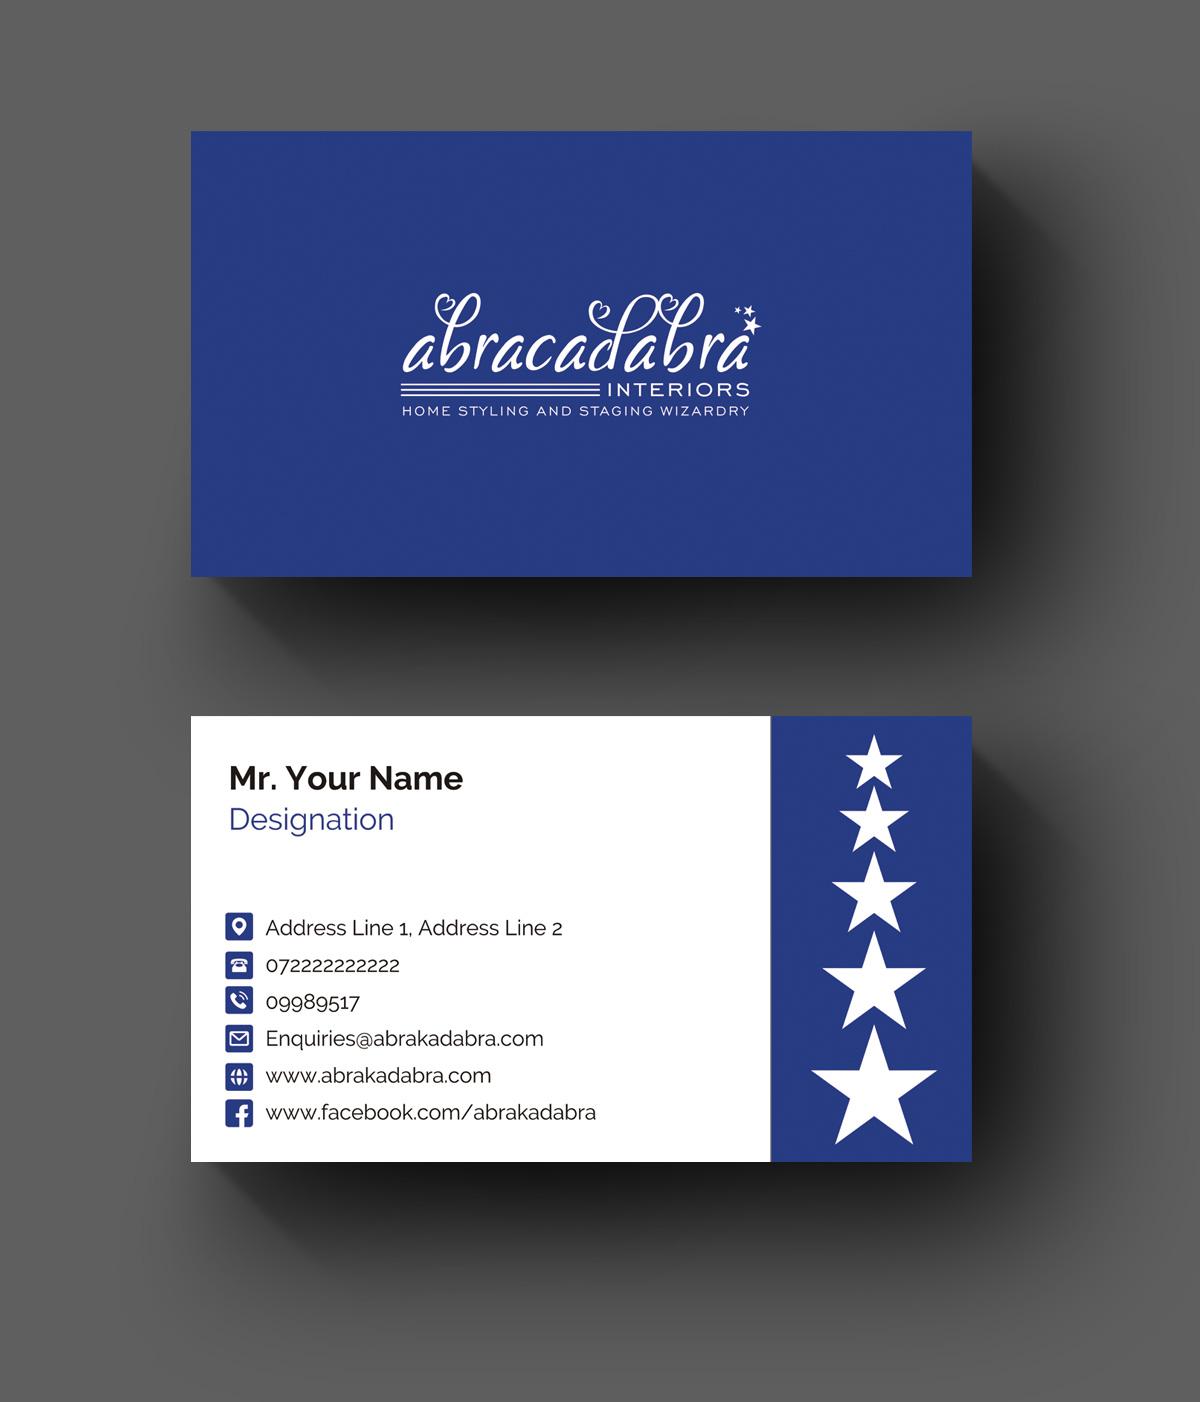 Elegant modern real estate business card design for abracadabra business card design by graphic junction for abracadabra interiors design 18391754 reheart Images